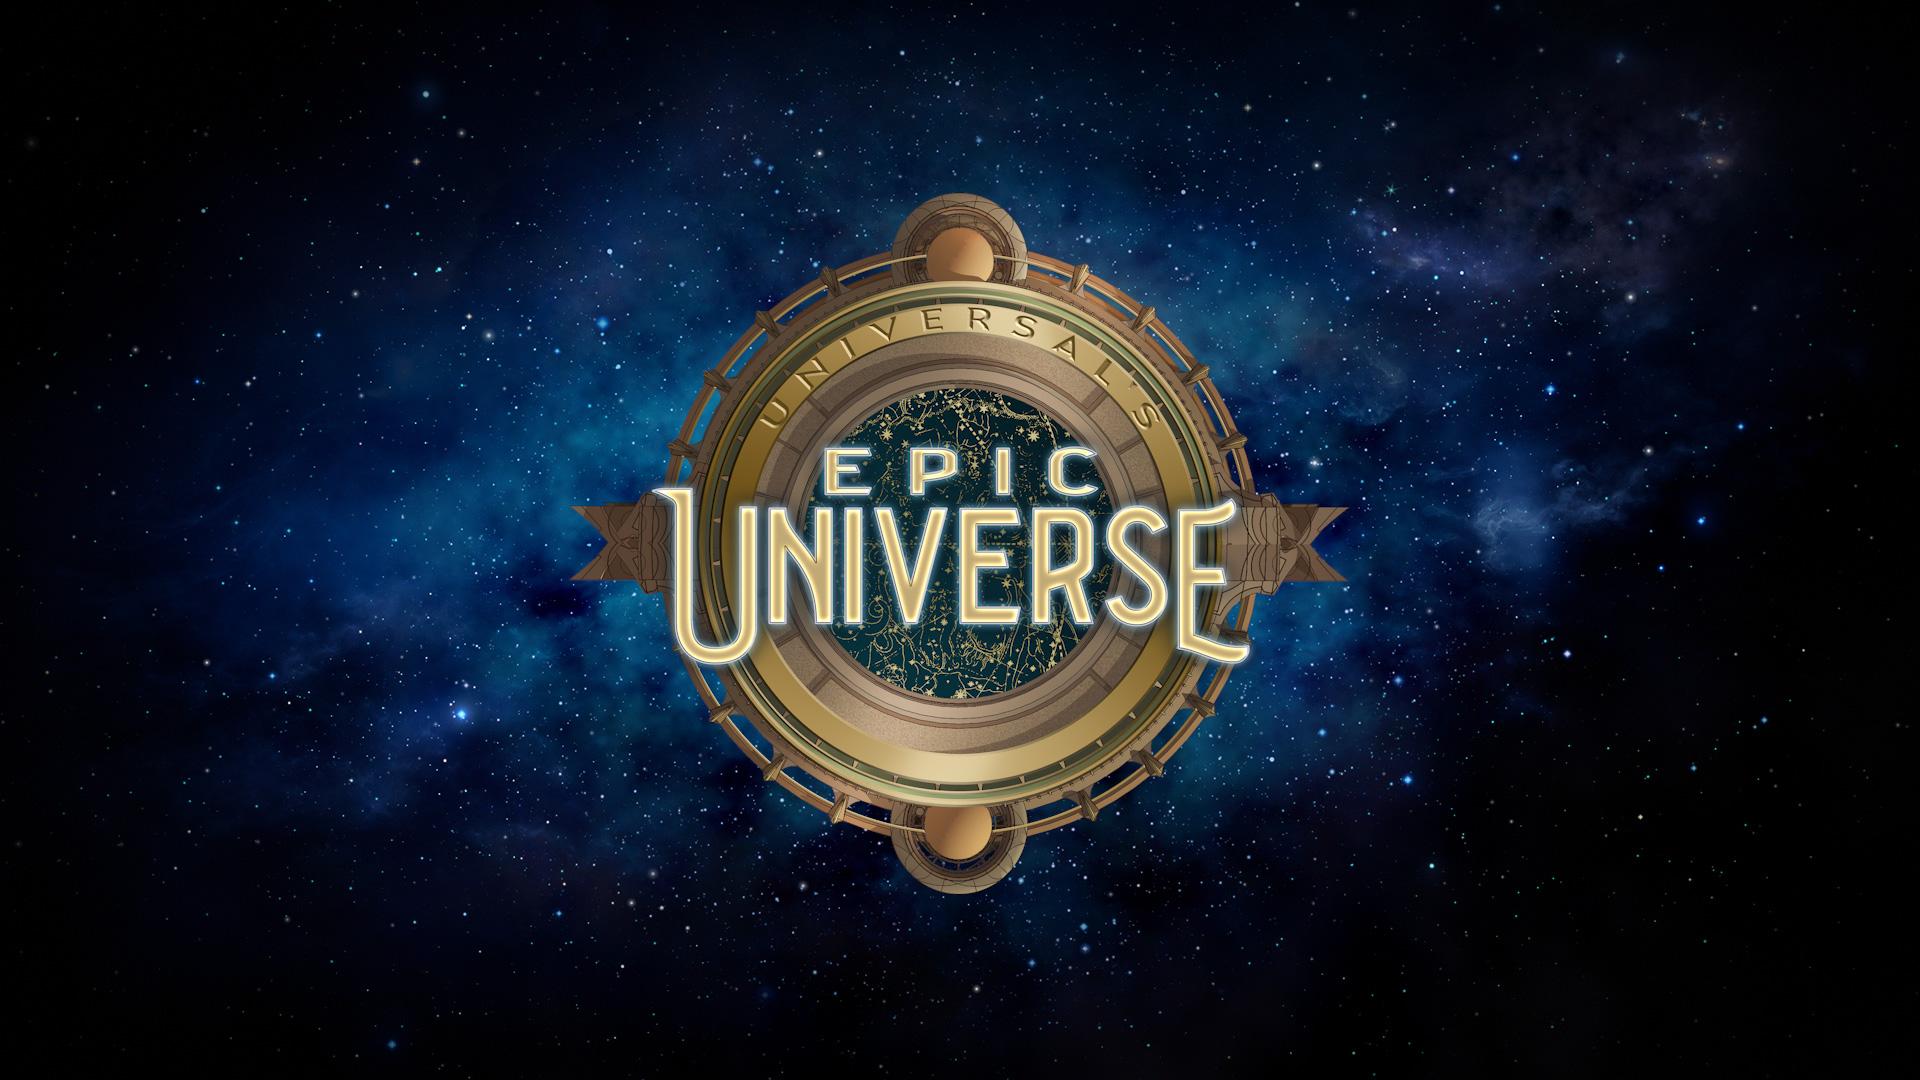 Universal Parks - Epic Universe